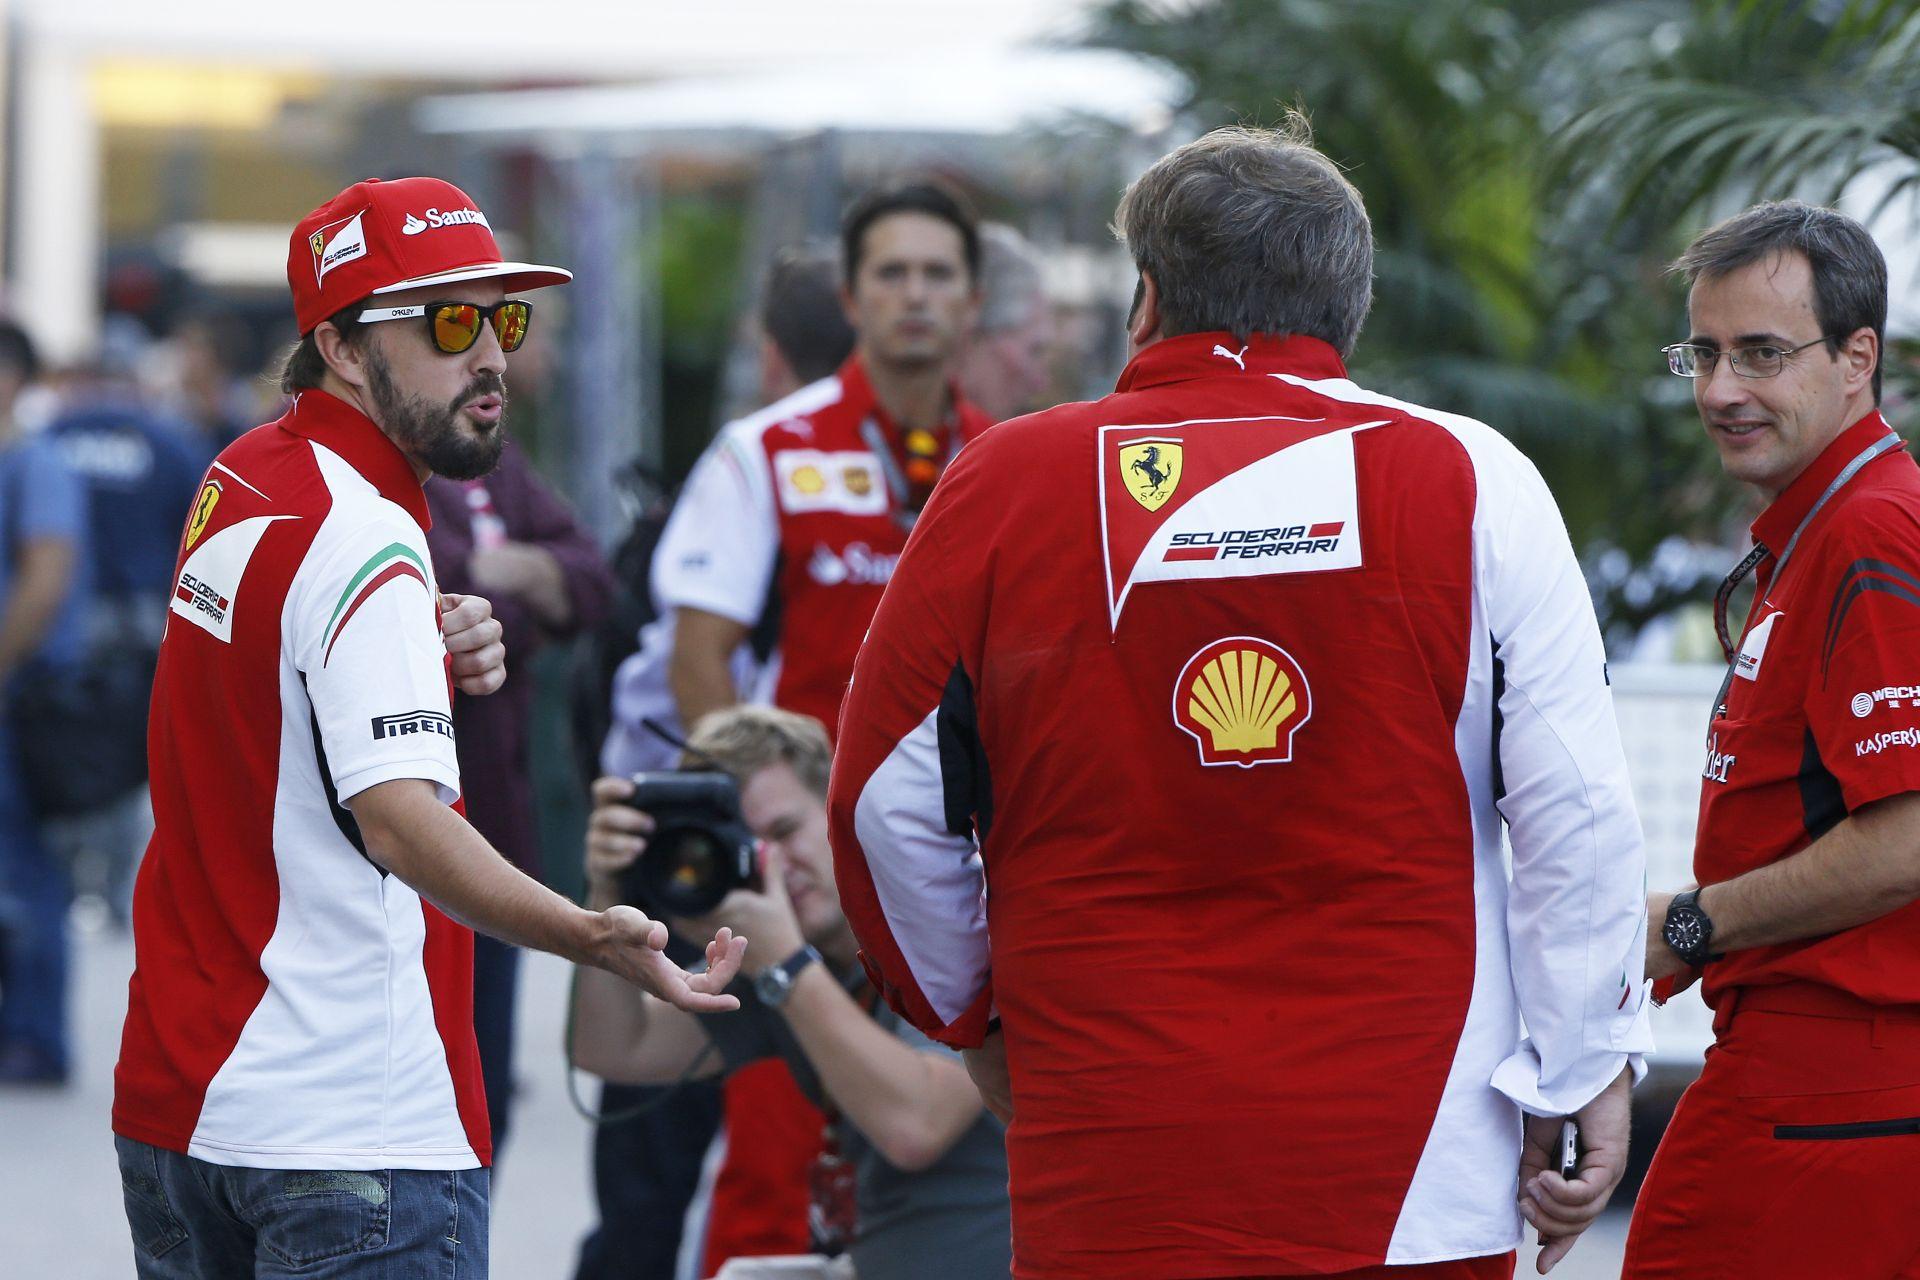 Lopez: Raikkönen és Vettel nagyszerű versenyzők, de Alonso nélkül talán a Ferrari nem lesz az igazi